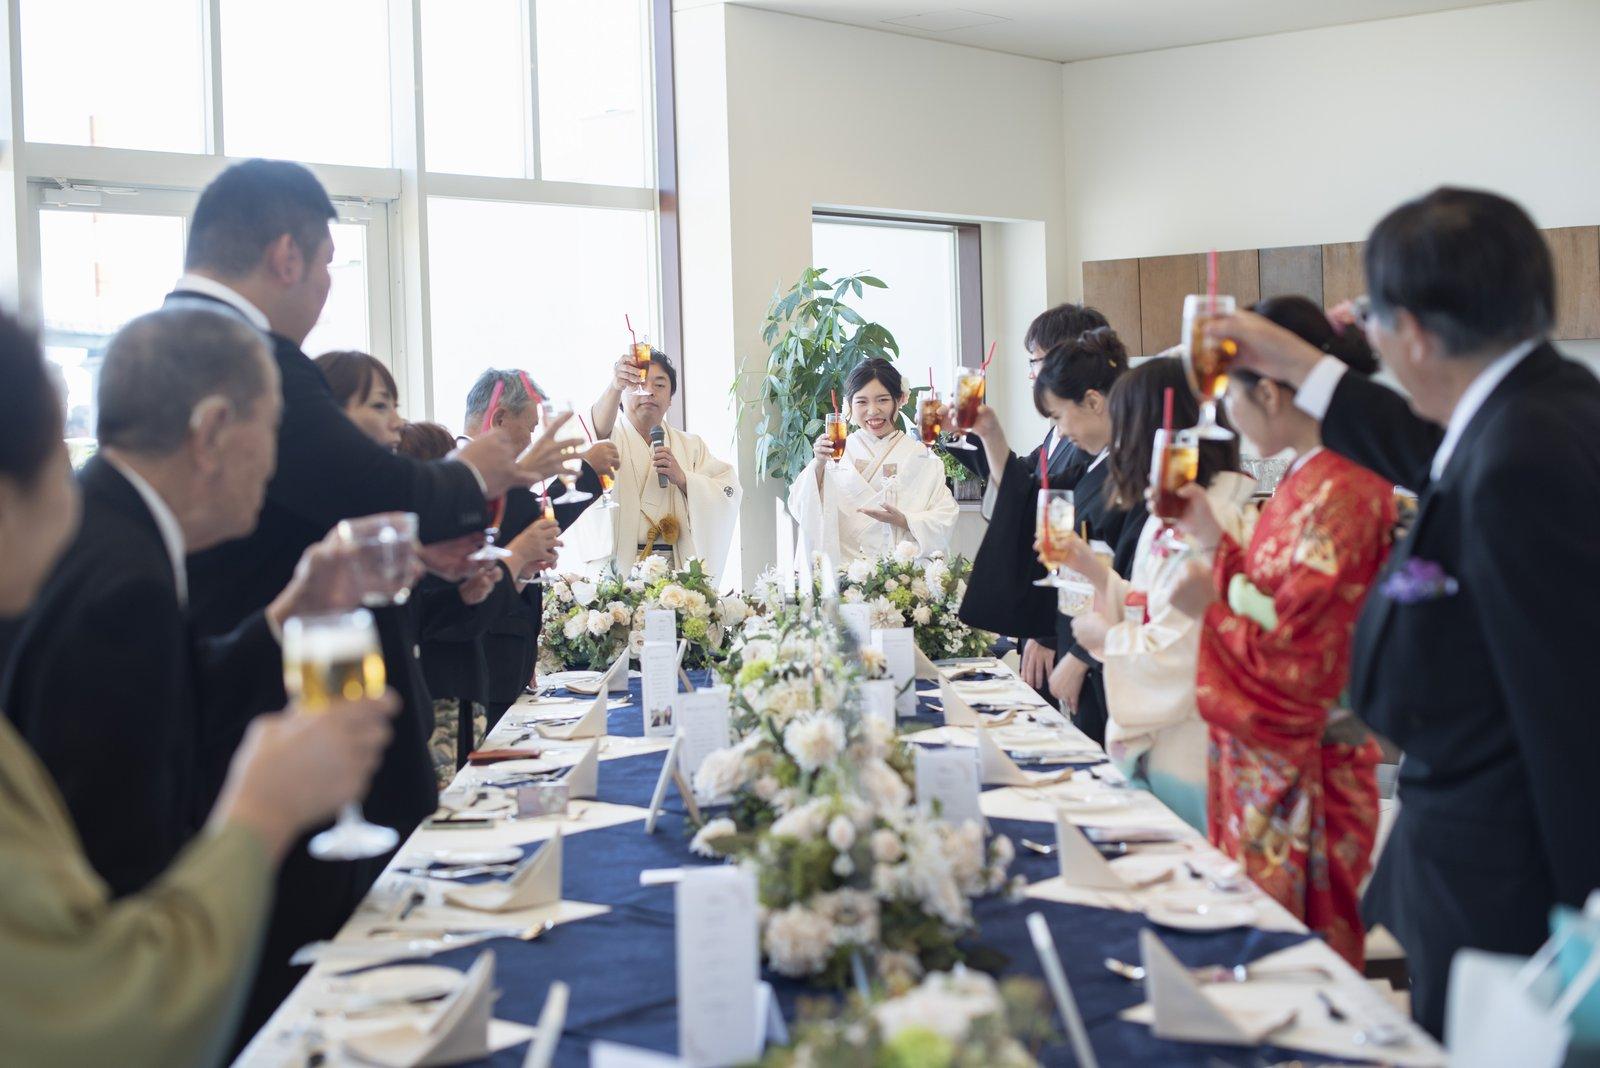 徳島市の結婚式場ブランアンジュの披露宴で楽しそうに乾杯を行う場面